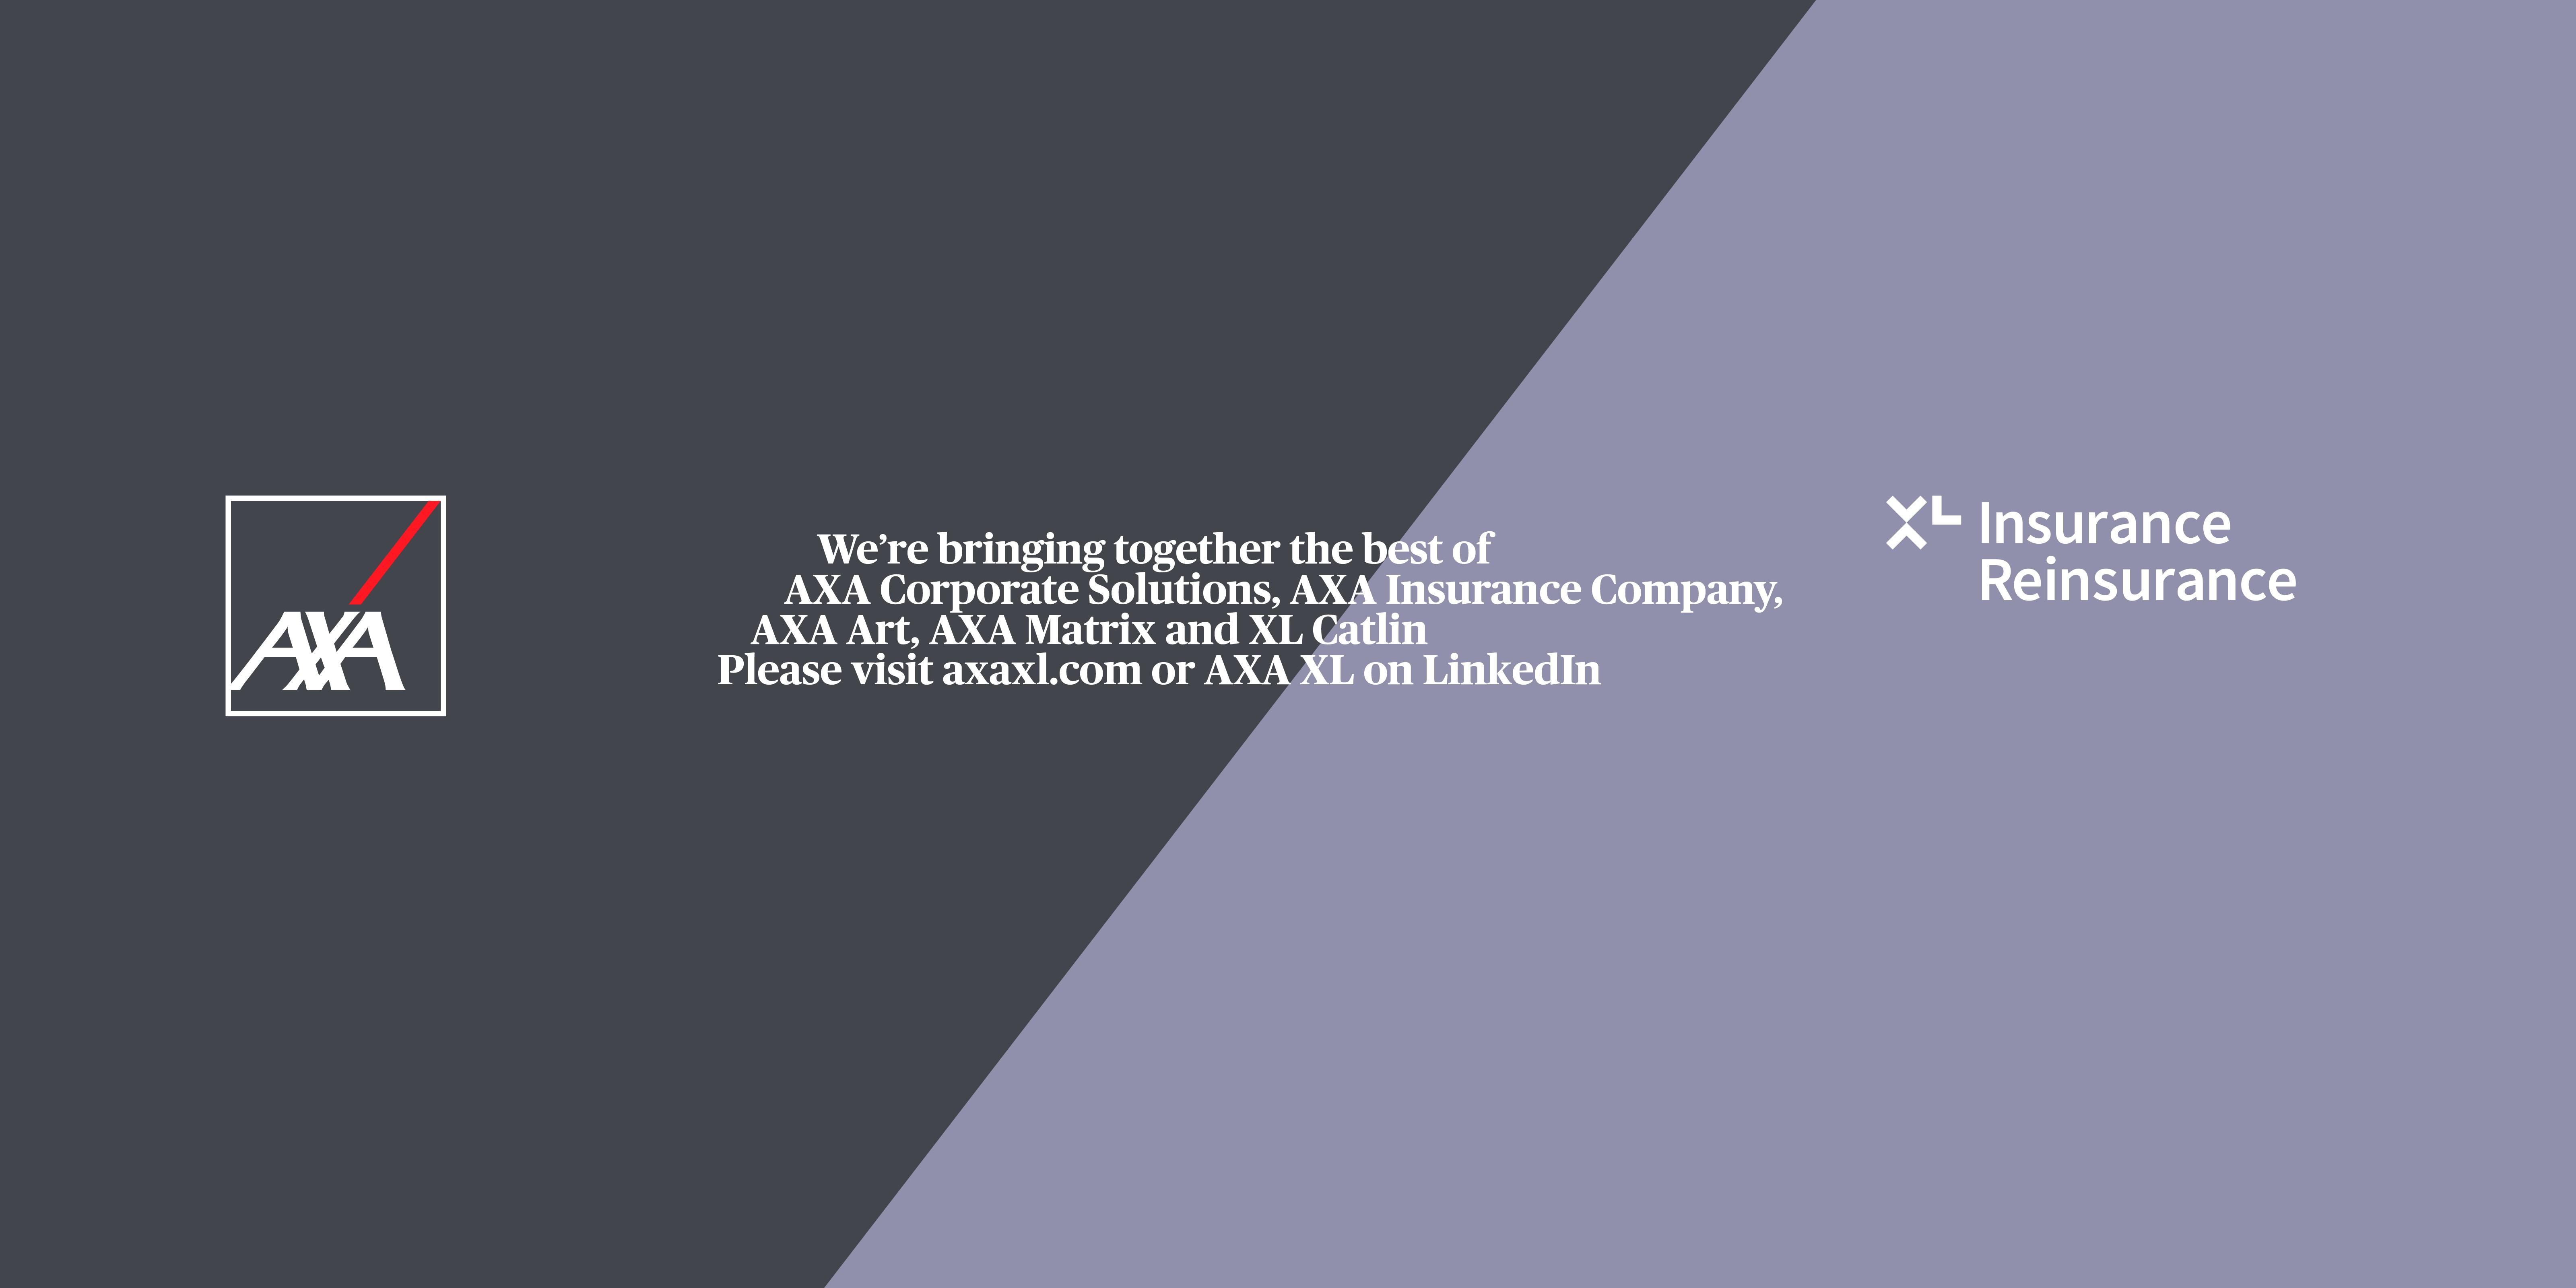 Axa Insurance Company Linkedin